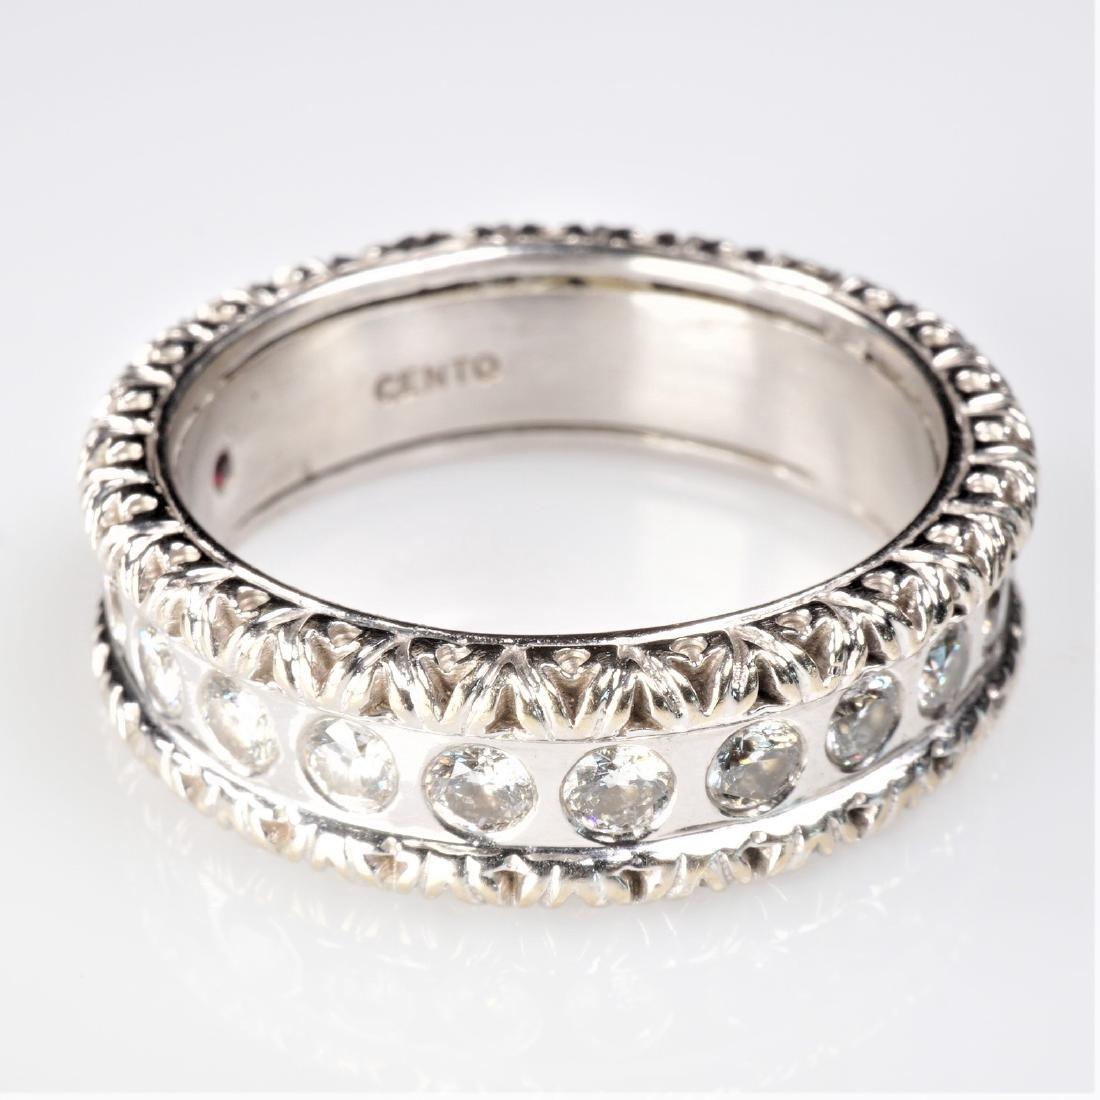 18k WG Roberto Coin Cento Diamond Ring